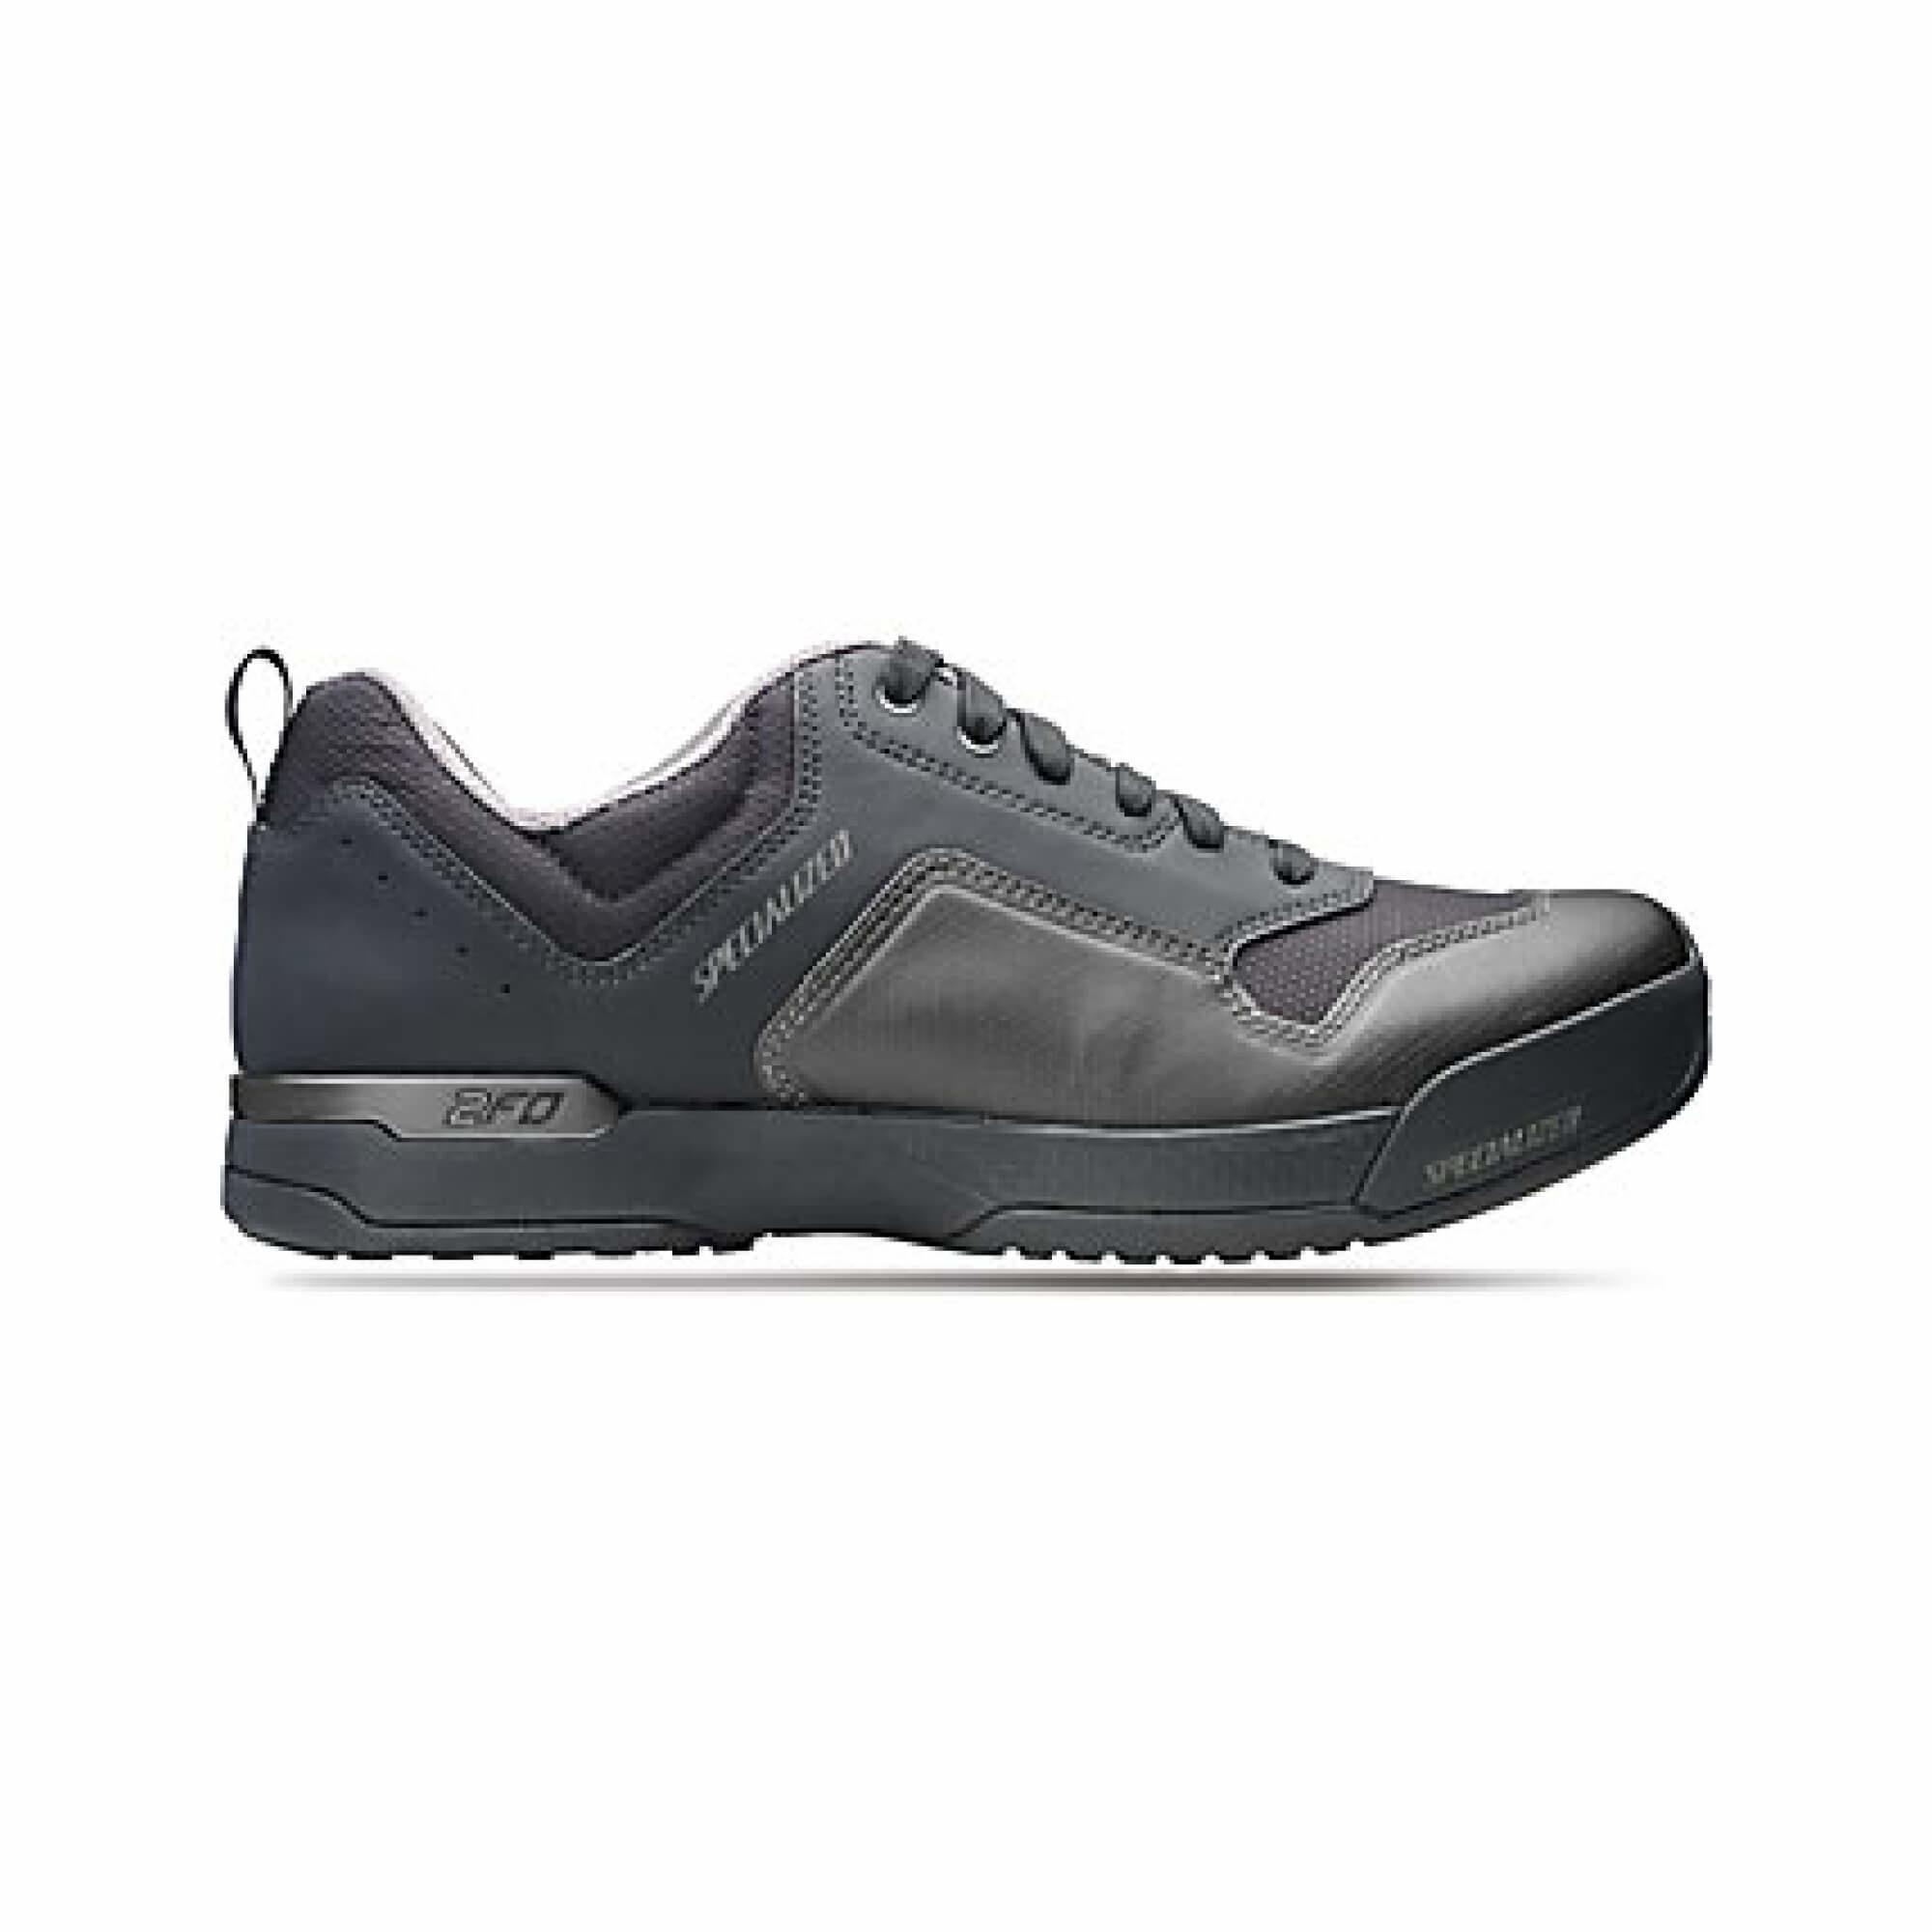 2FO Cliplite Lace MTB Shoe Blk 45 Size: 45-1